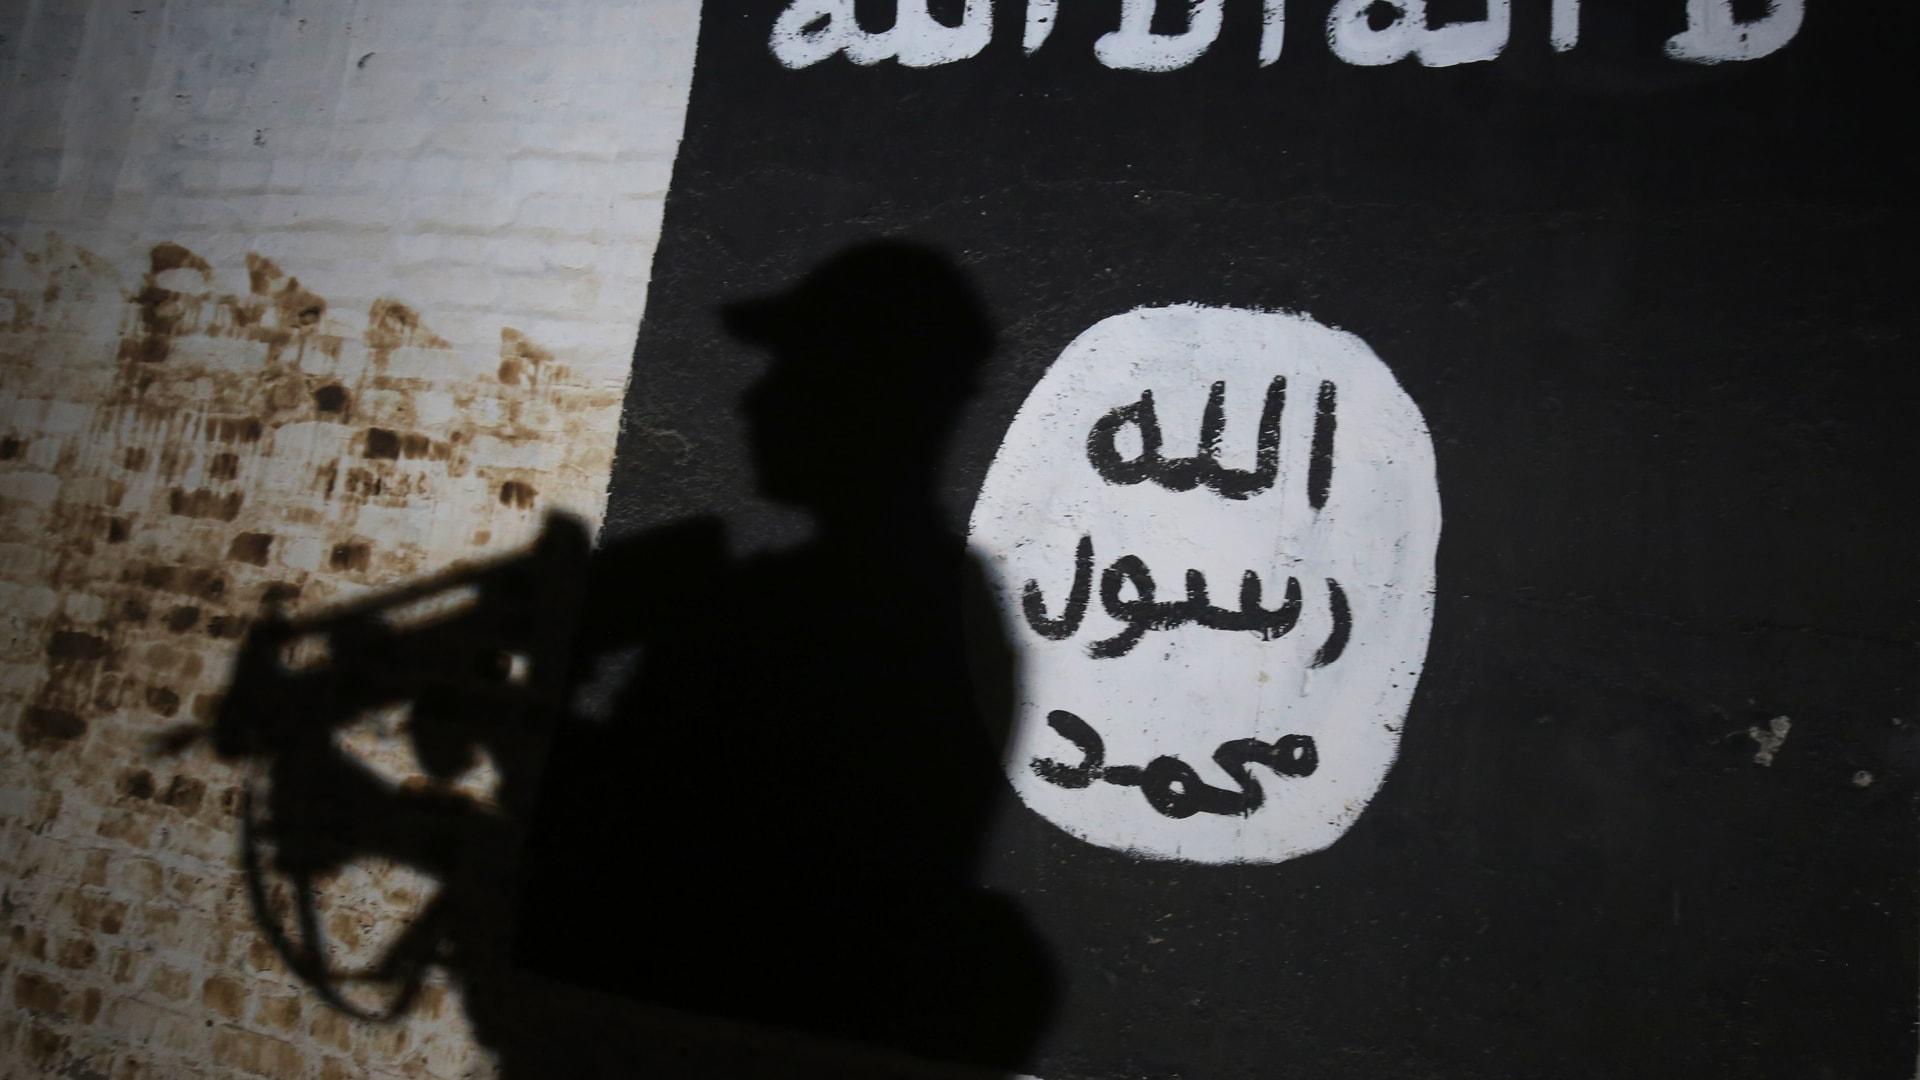 رئيس المخابرات العسكرية بالعراق يحذر عبر CNN من عودة داعش